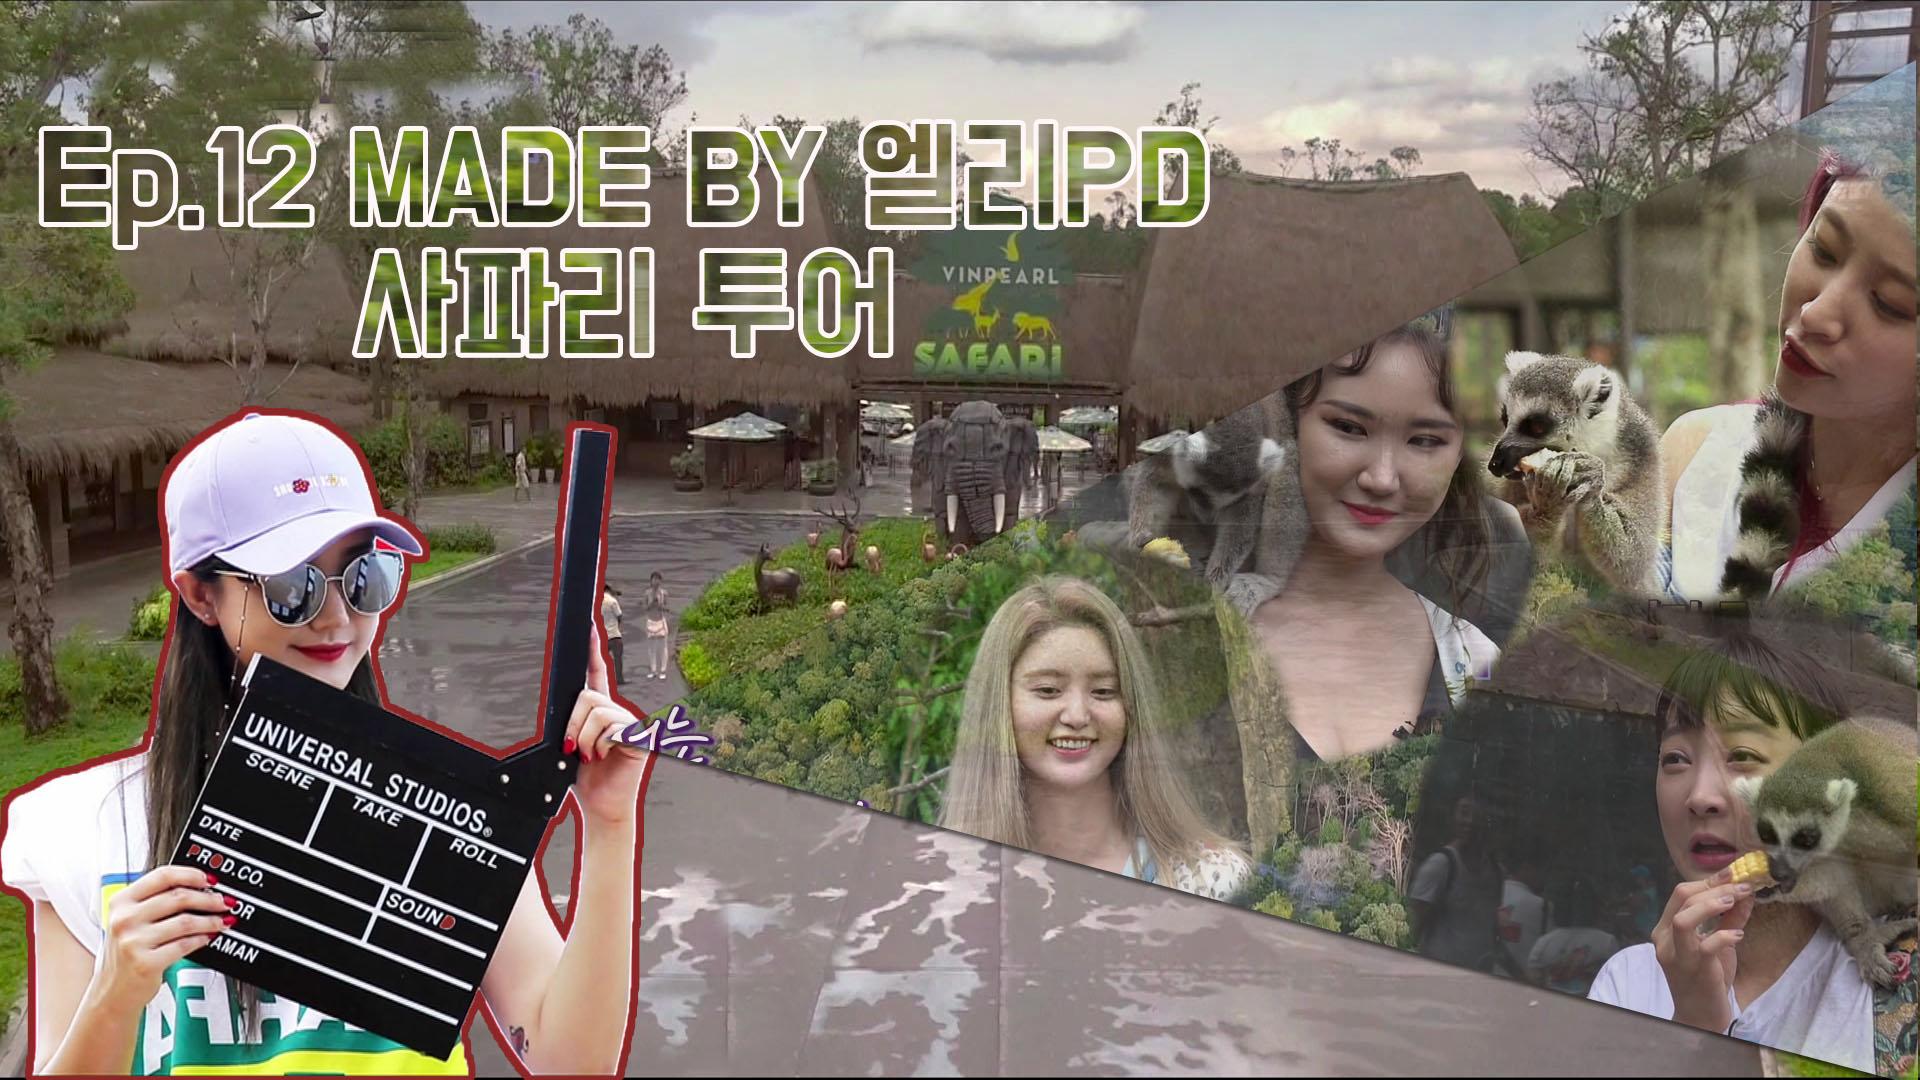 [MADE IN EXID] EXID EP12. 사파리 투어